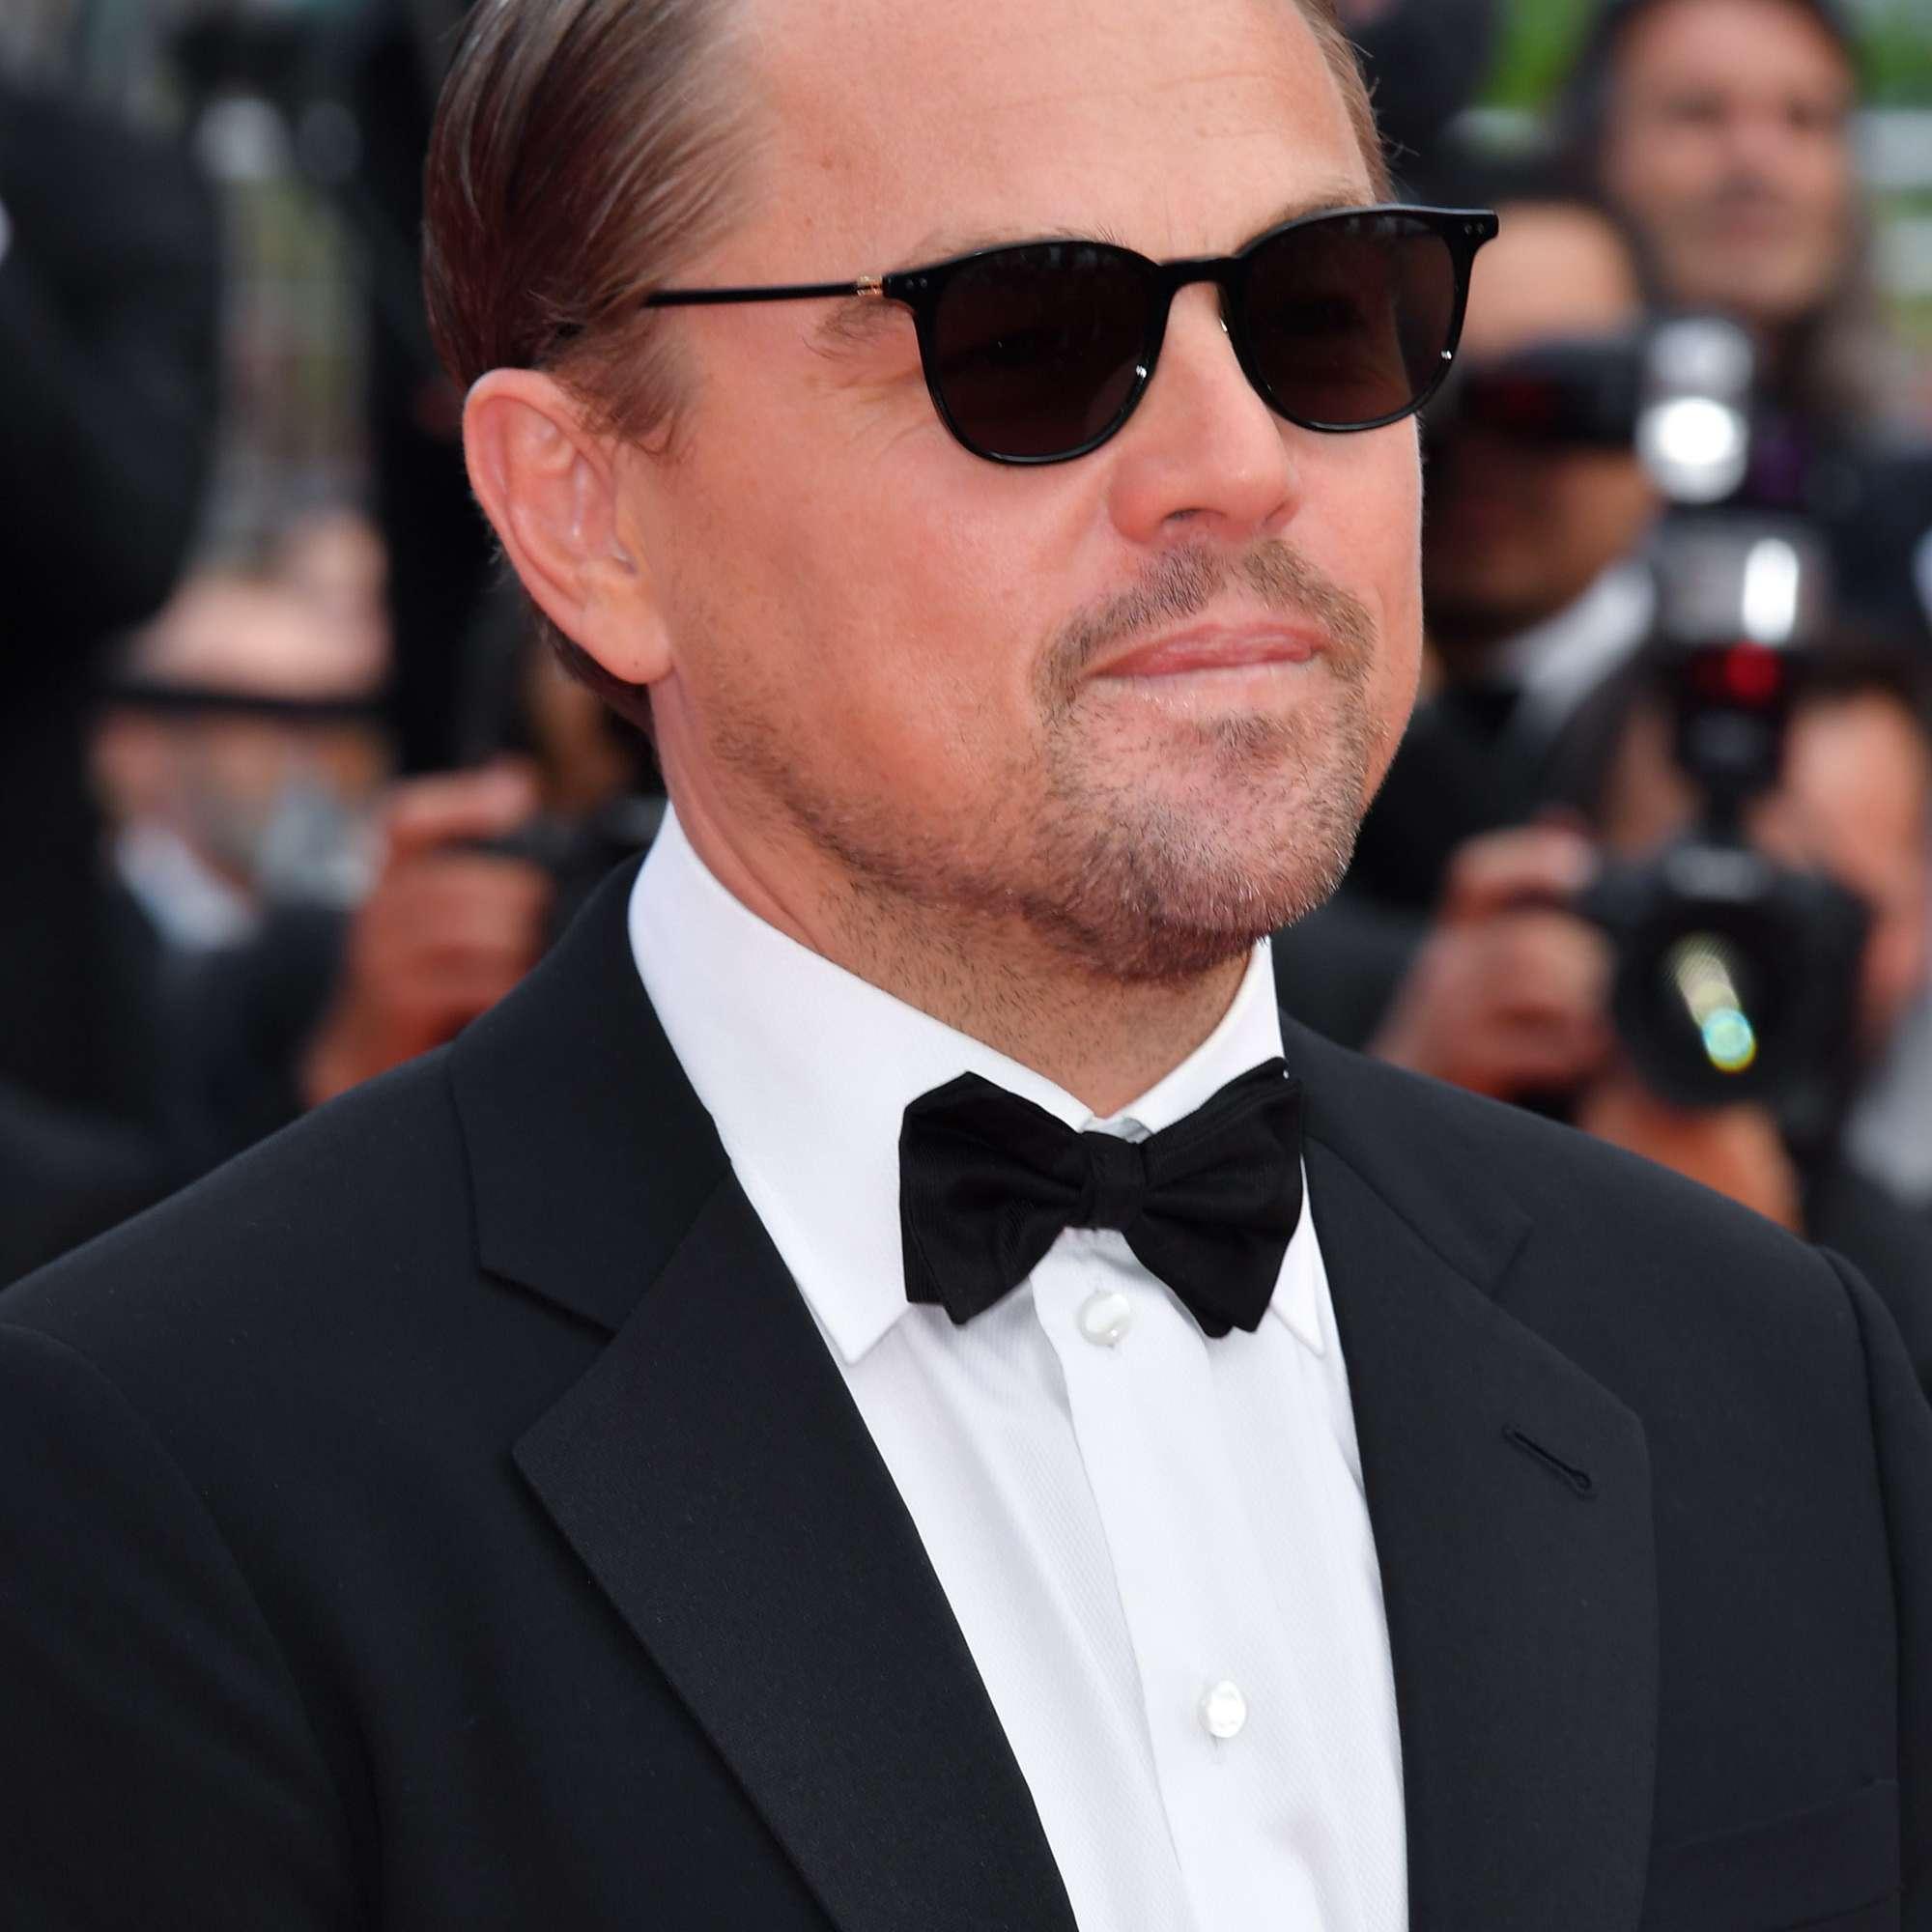 Leonardo DiCaprio Hair 2019